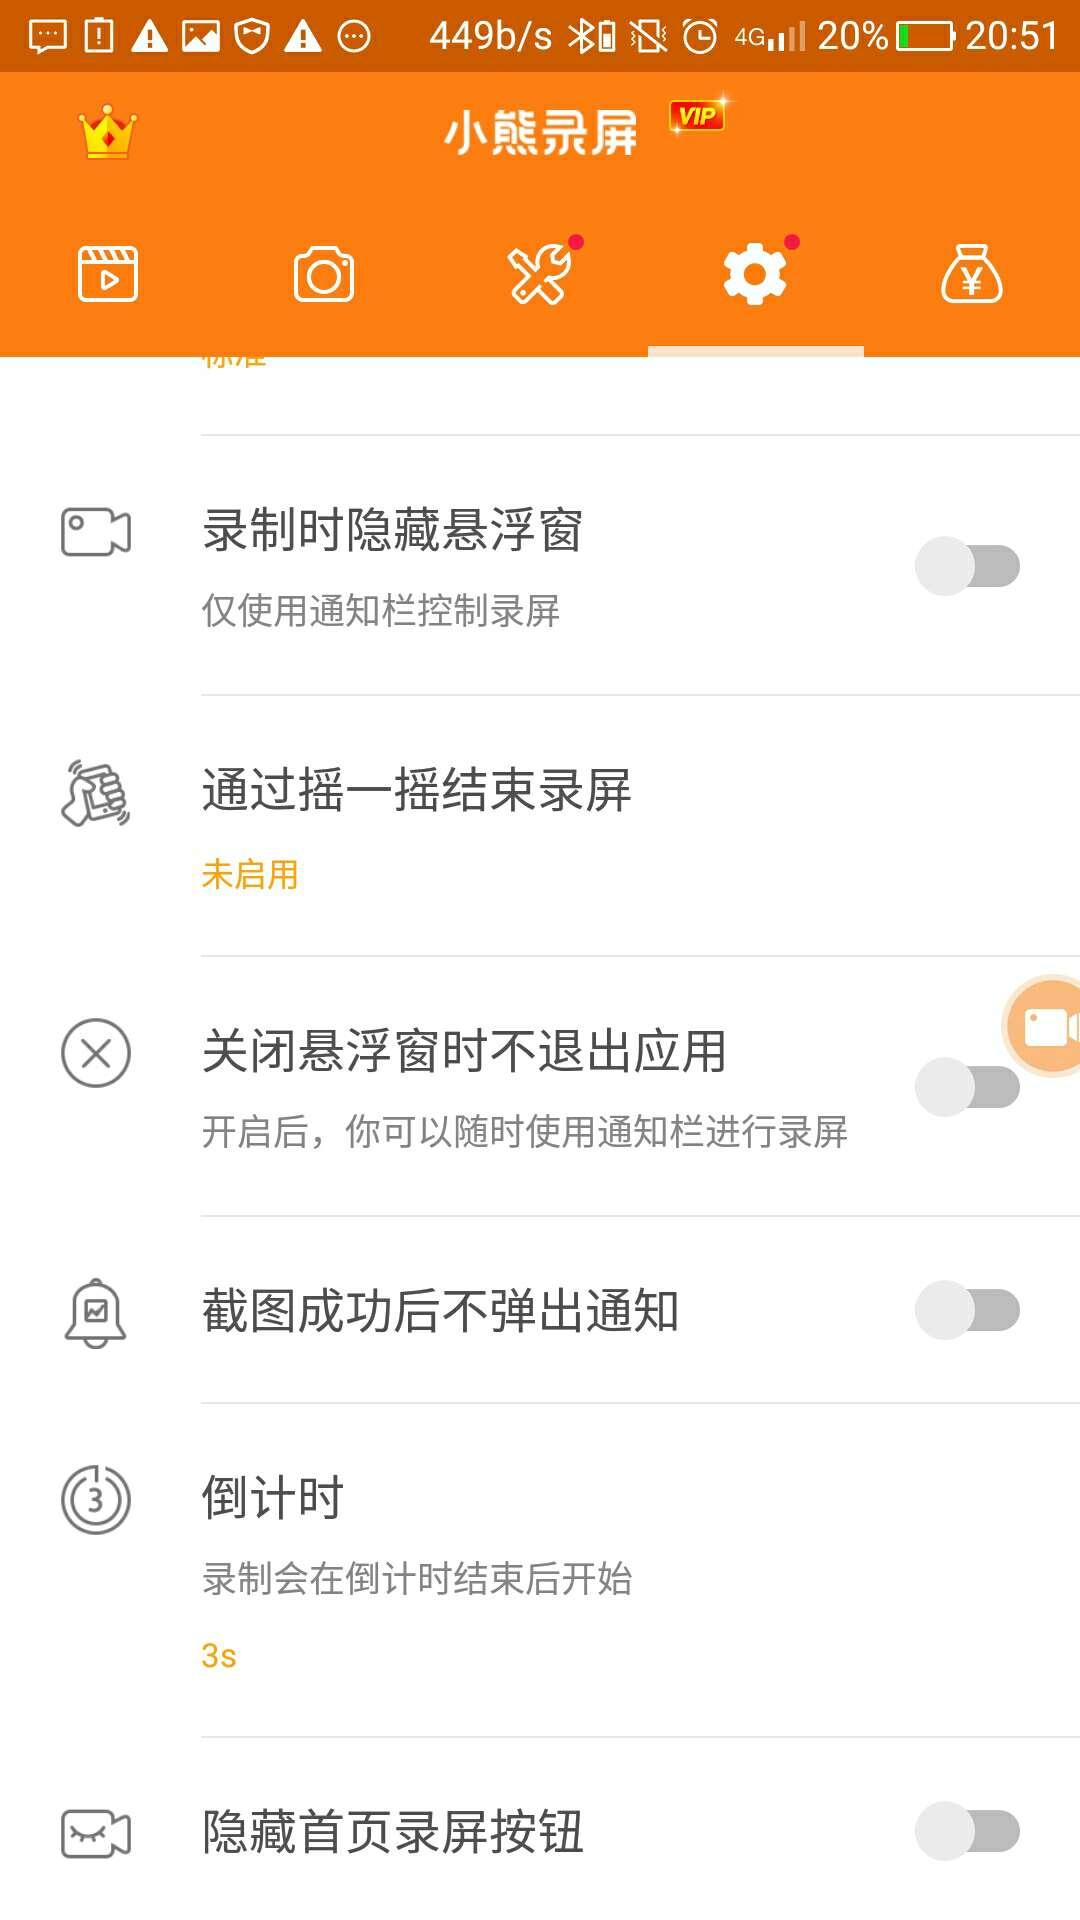 【资源分享】安卓小熊录屏去广告版V2.2.0 支持1080P录制